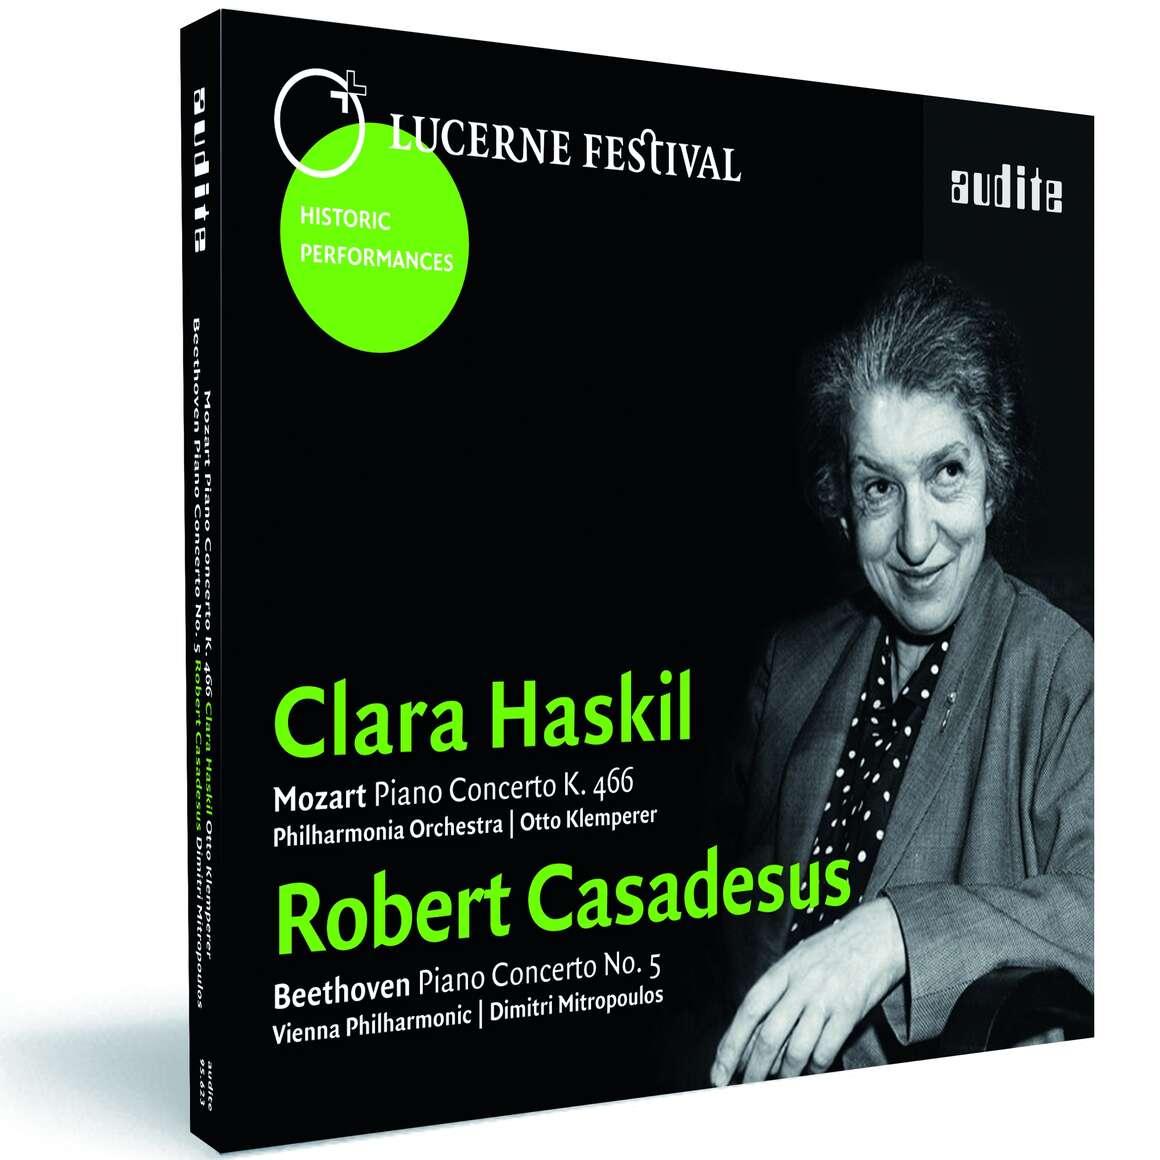 Clara Haskil plays Mozart: Piano Concerto K. 466 - Robert Casadesus plays Beethoven: Piano Concerto No. 5